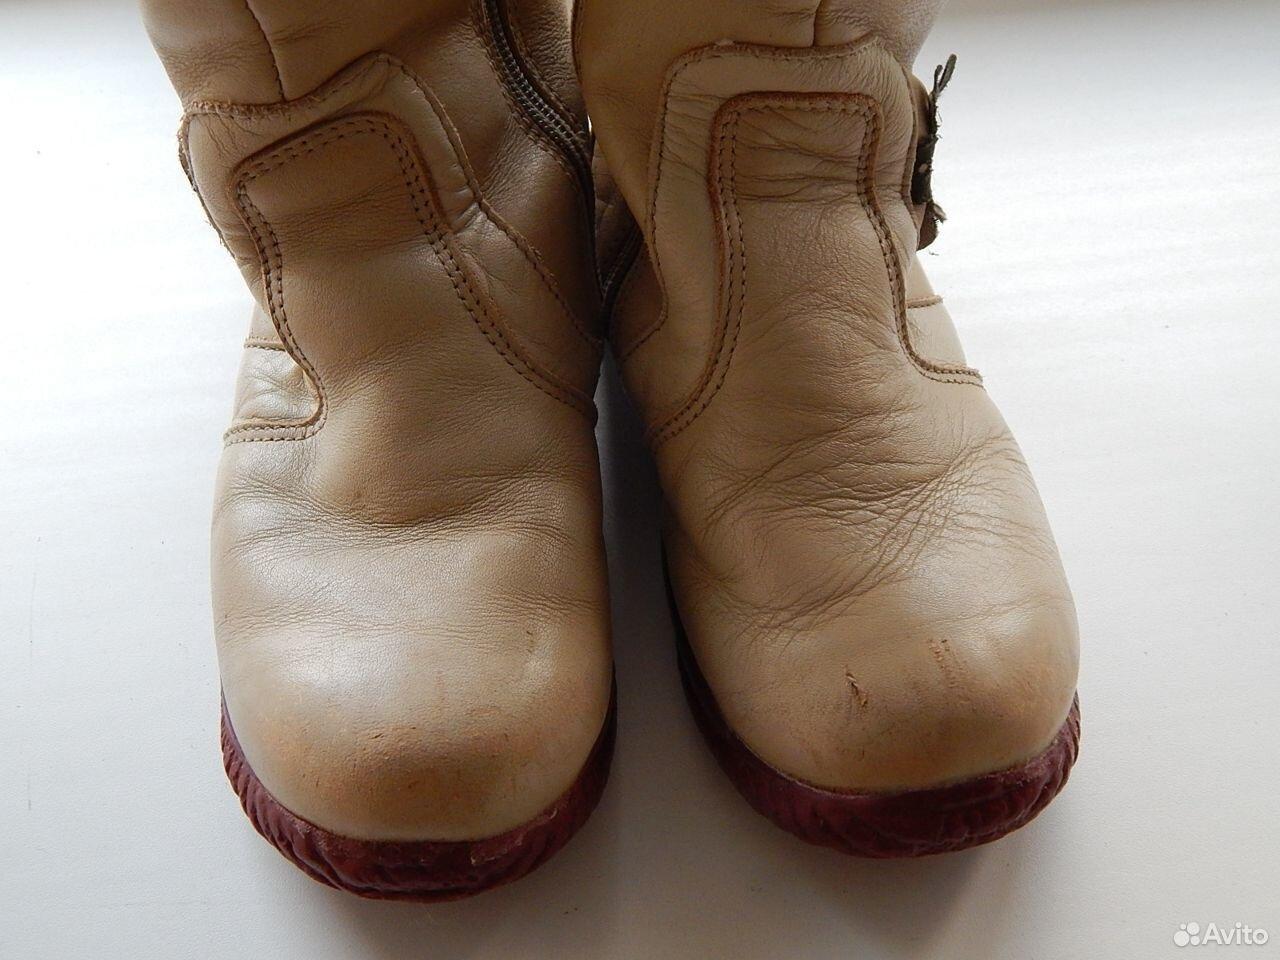 Сапоги кожаные, теплые  89614983783 купить 2